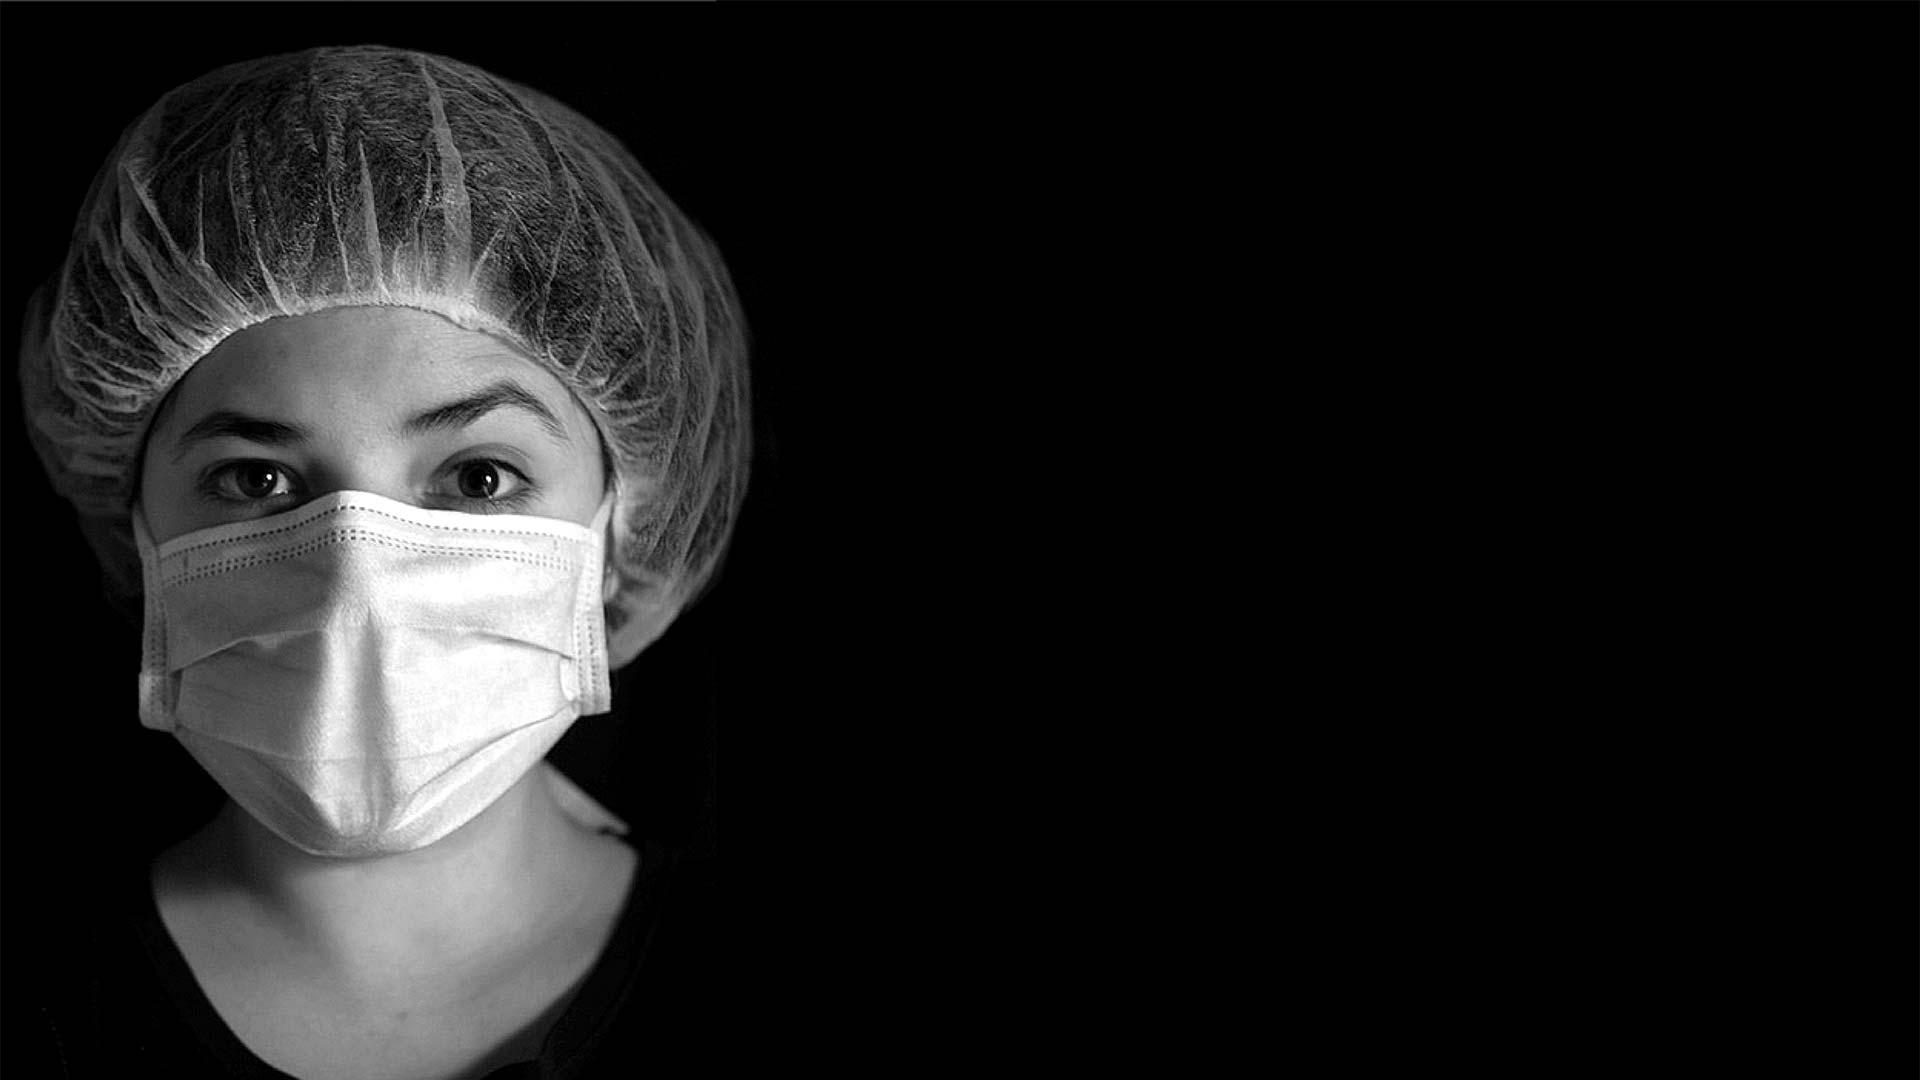 Daugiau apie pažangą kovojant su odos vėžiu